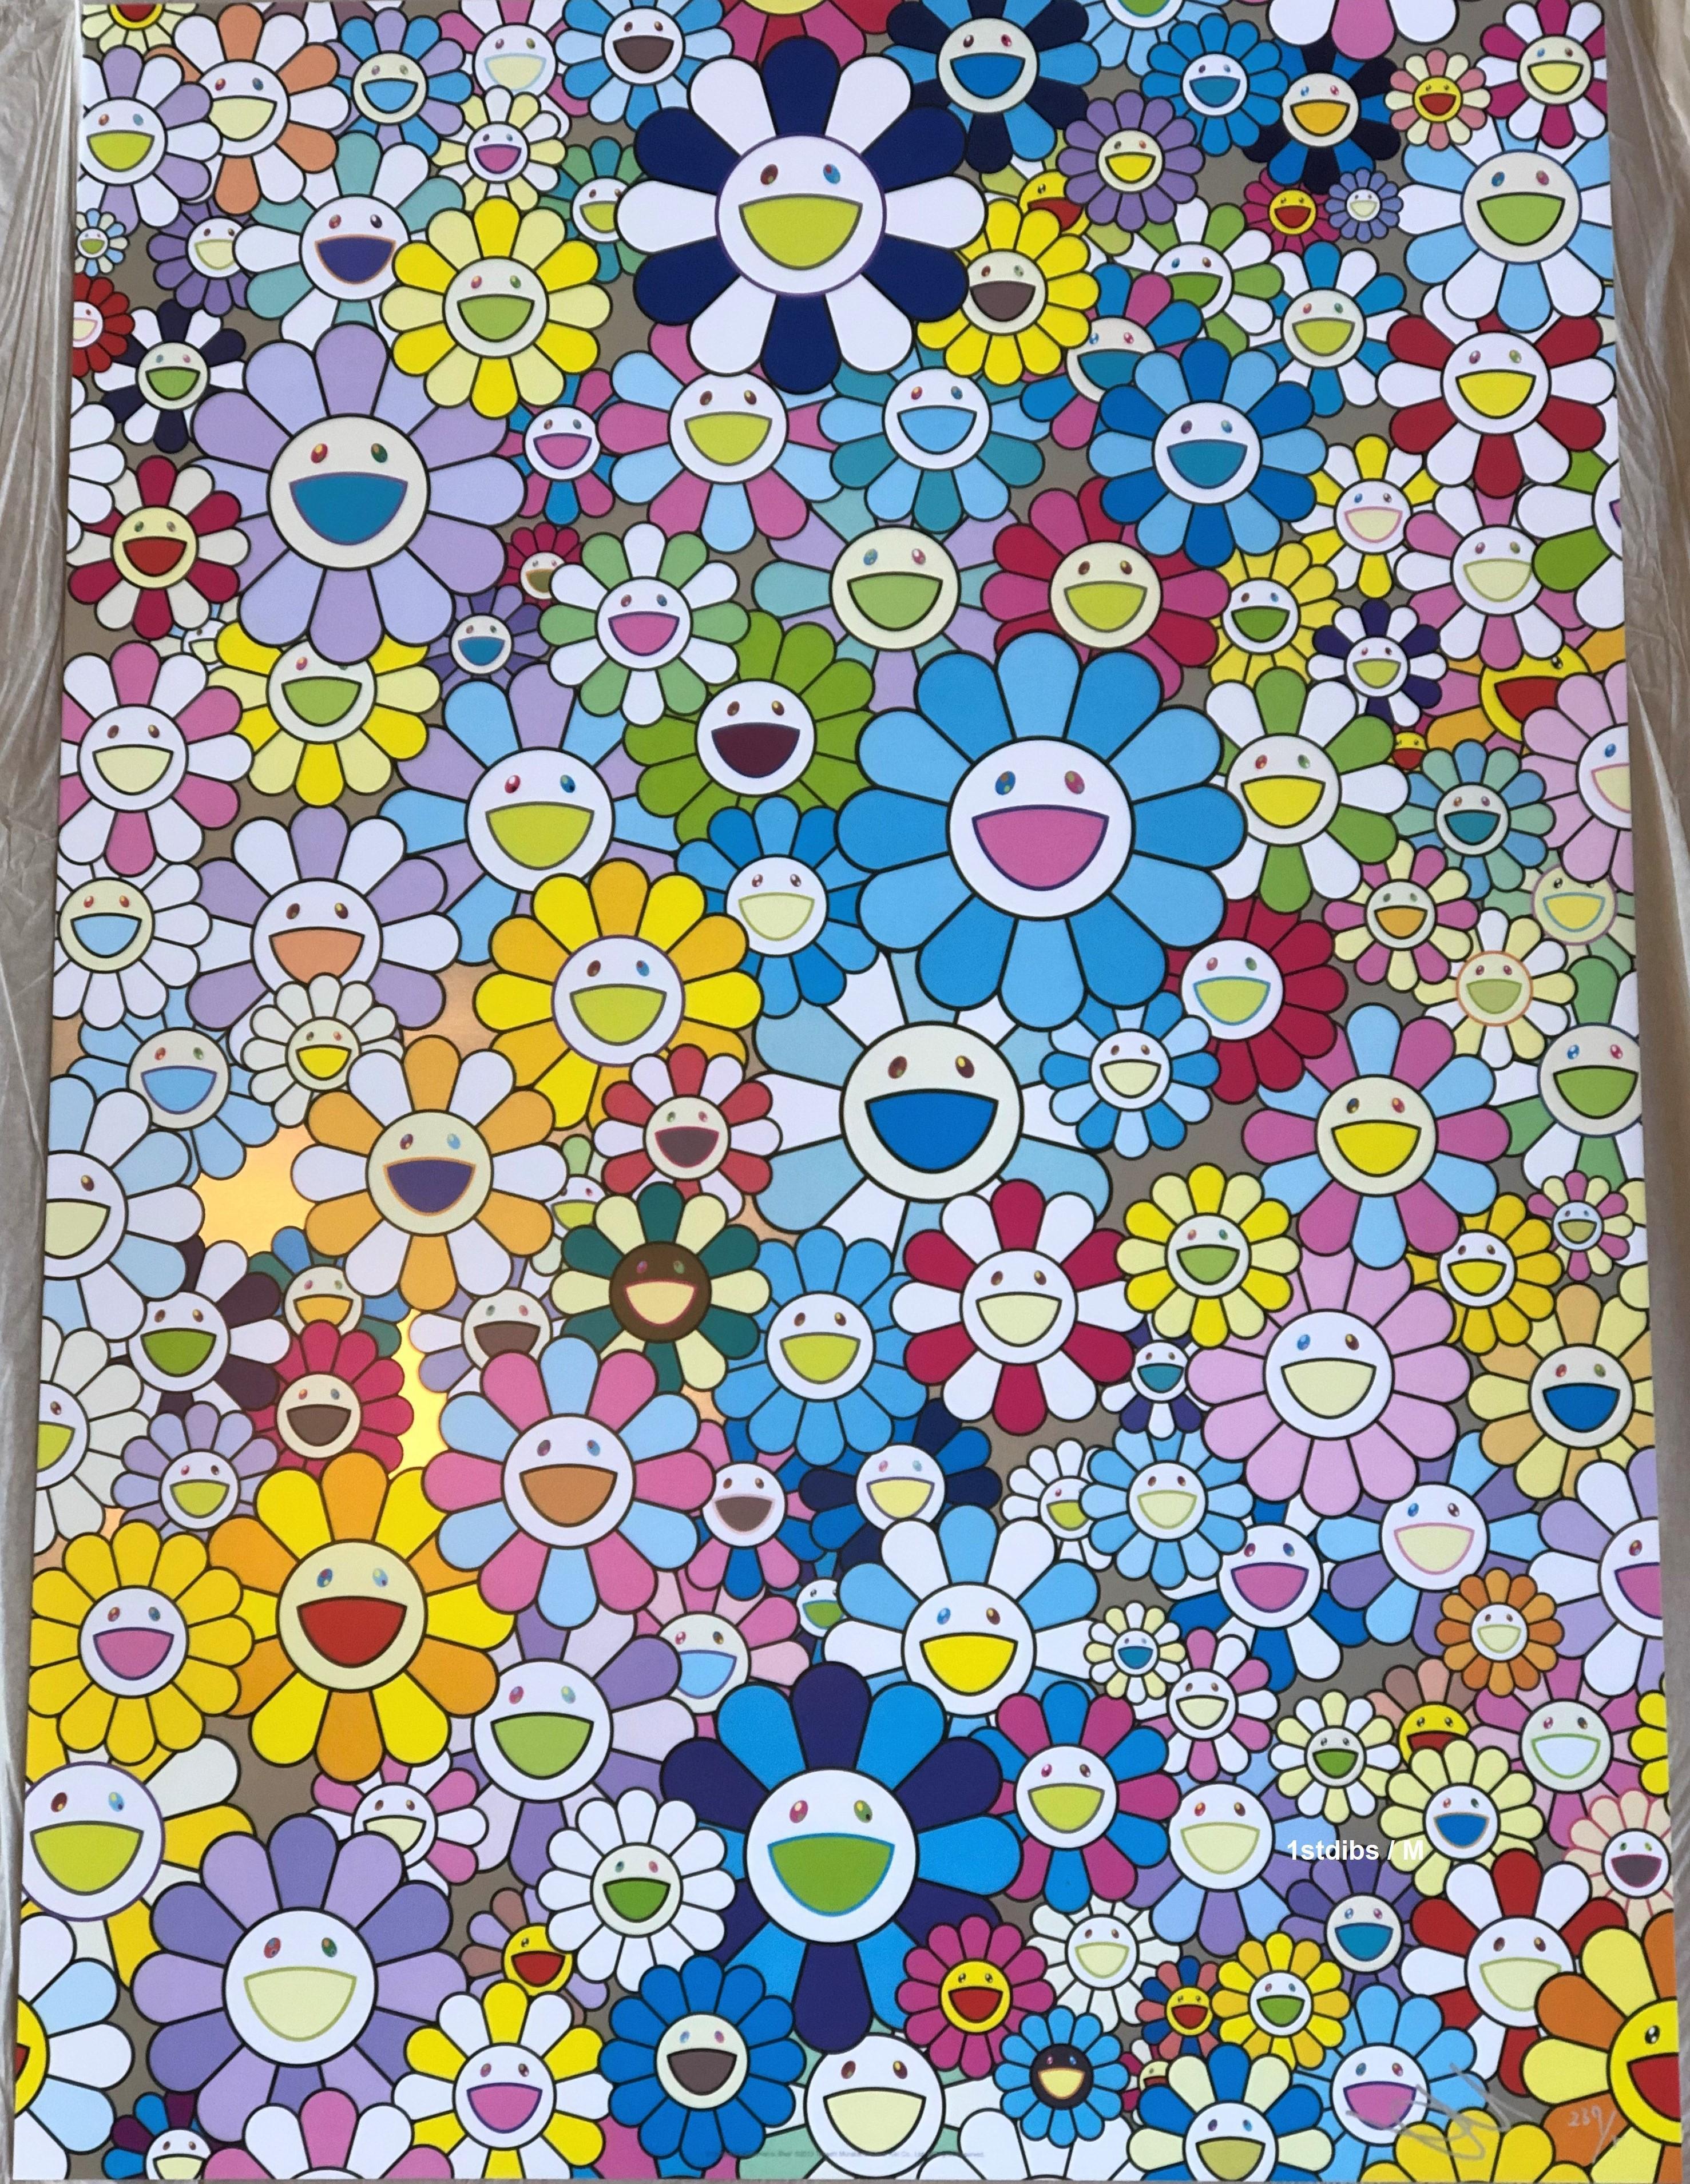 Murakami print - Champagne Supernova Blue (2013)